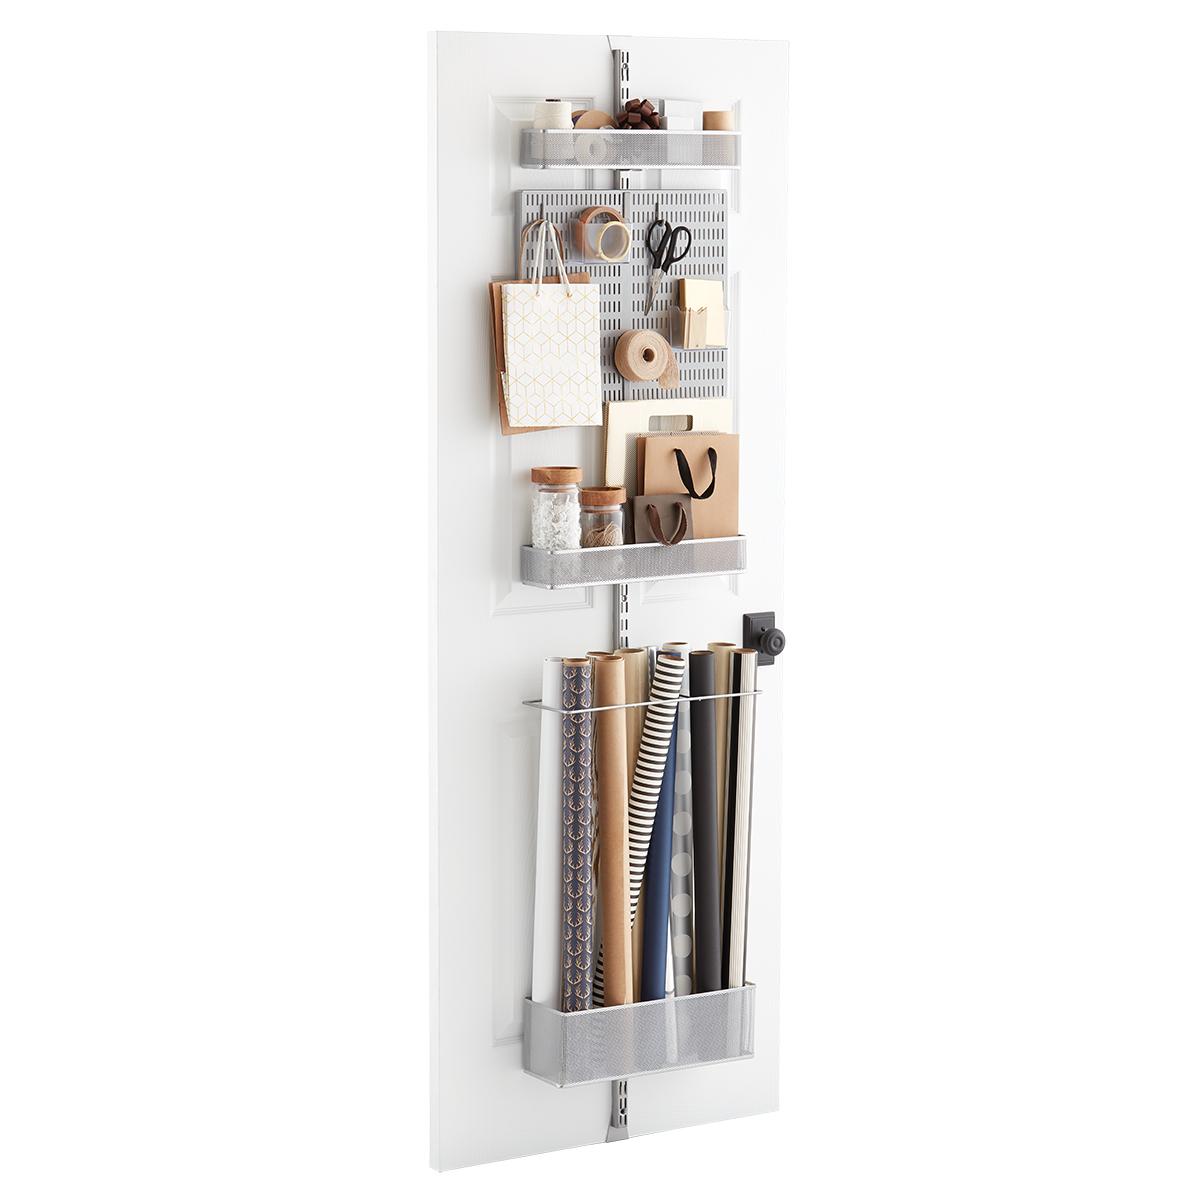 Elfa Utility Craft Room Over the Door Rack